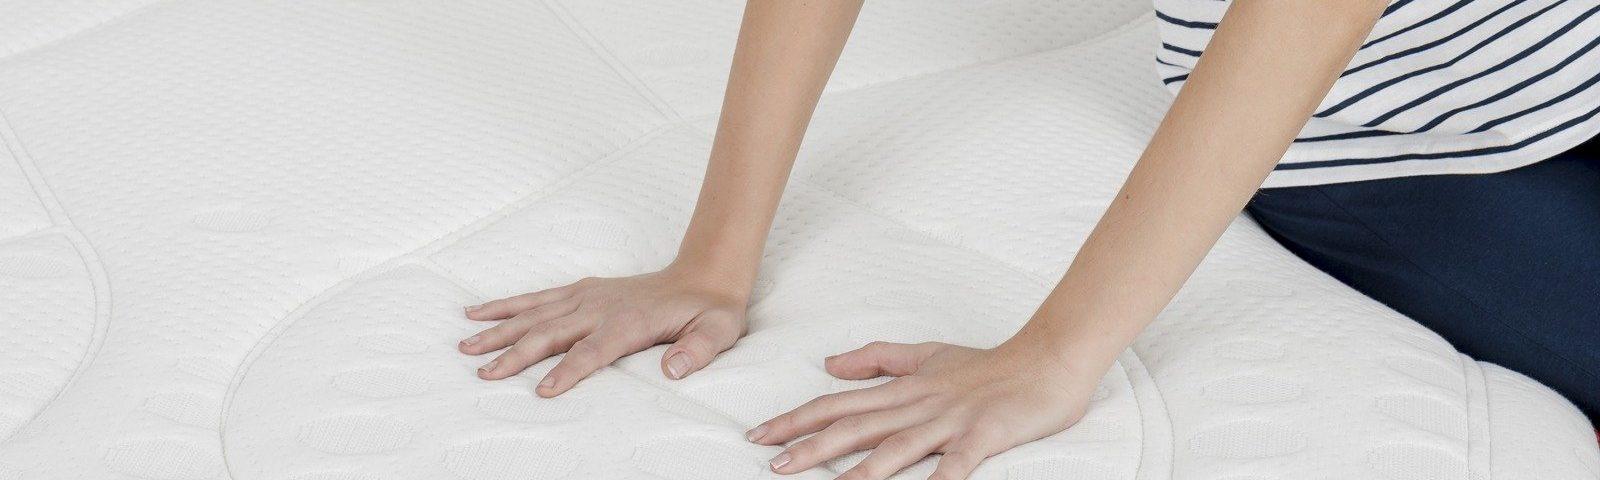 Mujer tocando la firmeza del colchón